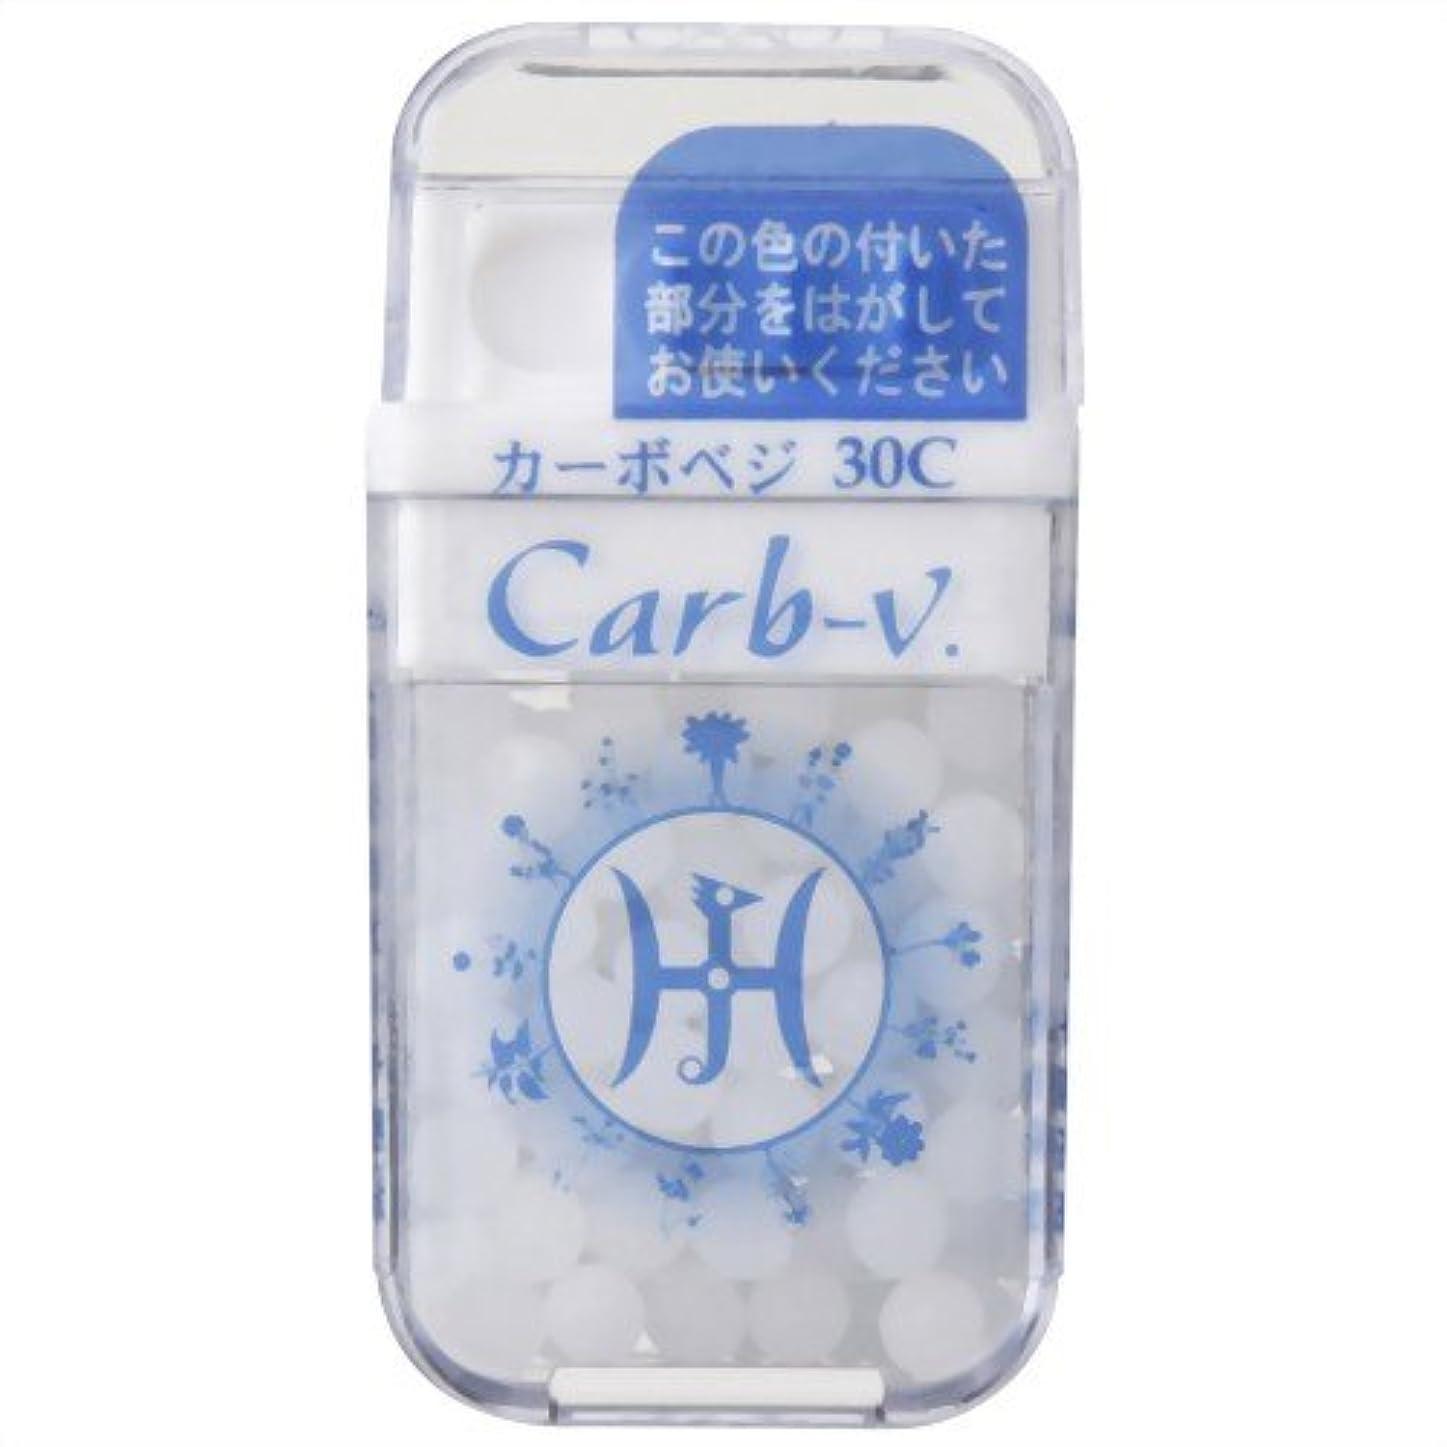 植物学エクステント避難するホメオパシージャパンレメディー Carb-v.  カーボベジ 30C (大ビン)